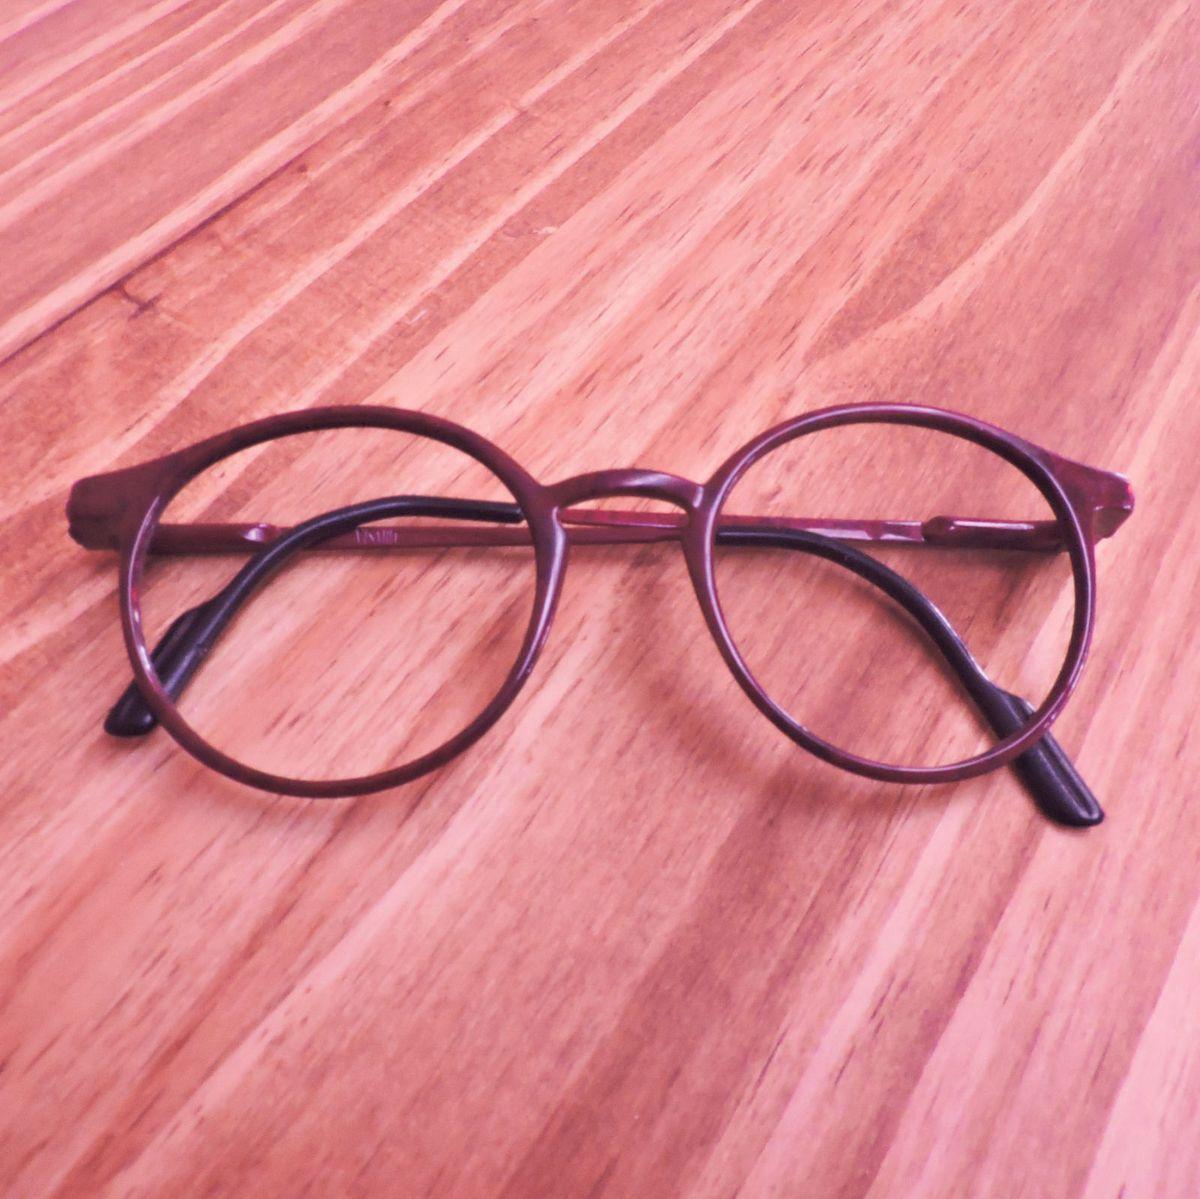 armação vermelha arredondada - óculos sem-marca.  Czm6ly9wag90b3muzw5qb2vplmnvbs5ici9wcm9kdwn0cy81ntqwmjqxlzazyte0ote0mtg4zjhiywmzyzbkowu1ntfhnmy3njyylmpwzw  ... 4b6240522d